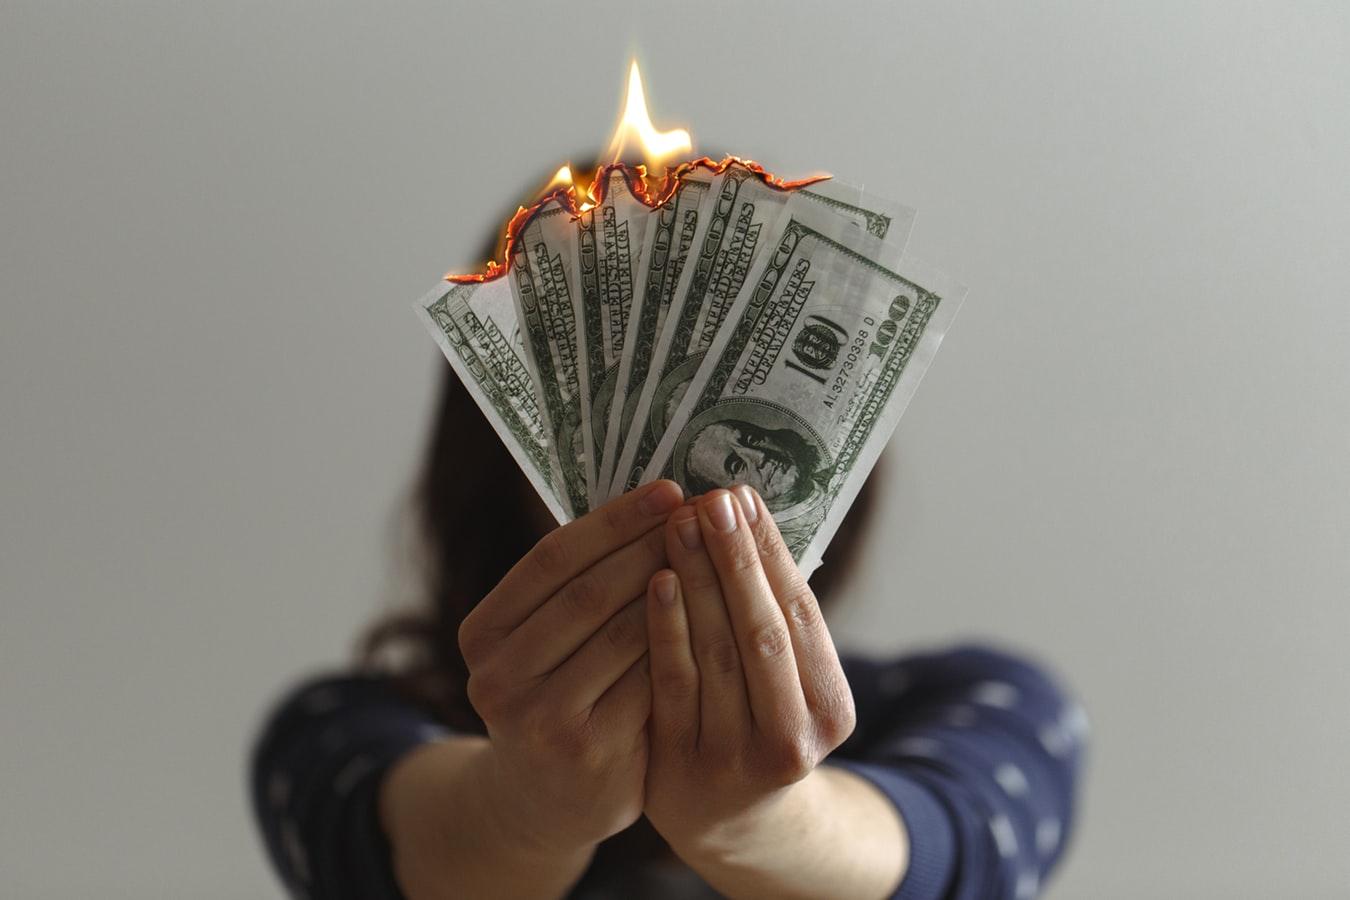 geld maakt niet gelukkig